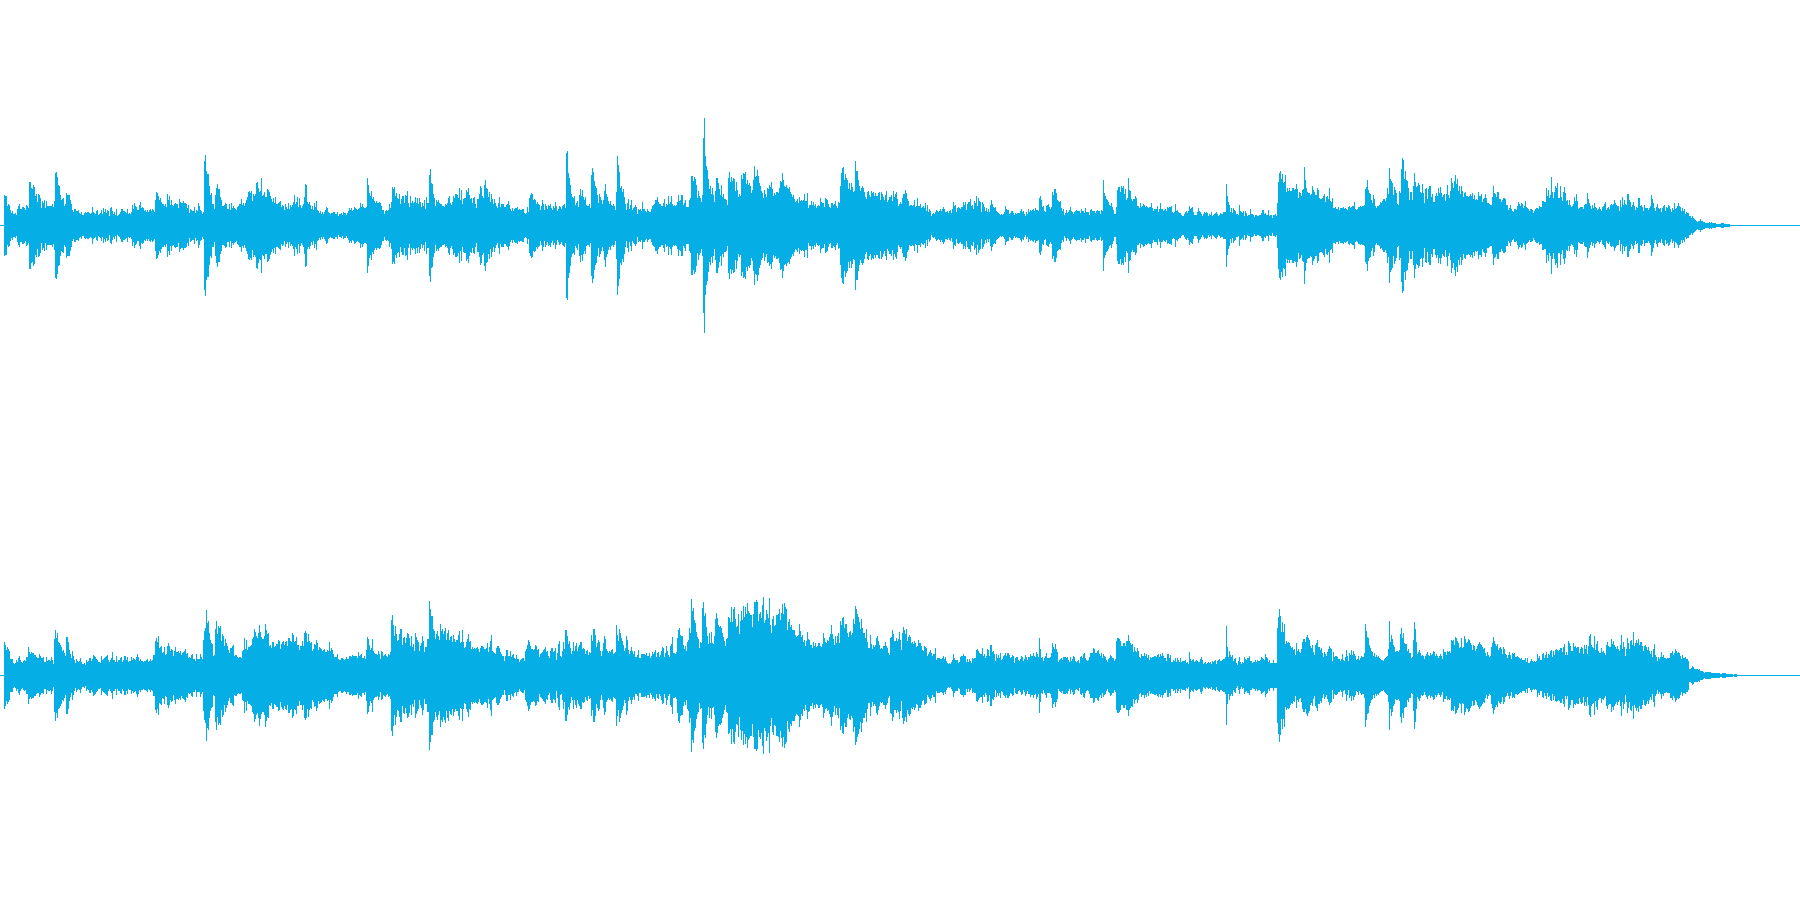 深海や宇宙の神秘的な浮遊感のあるBGMの再生済みの波形